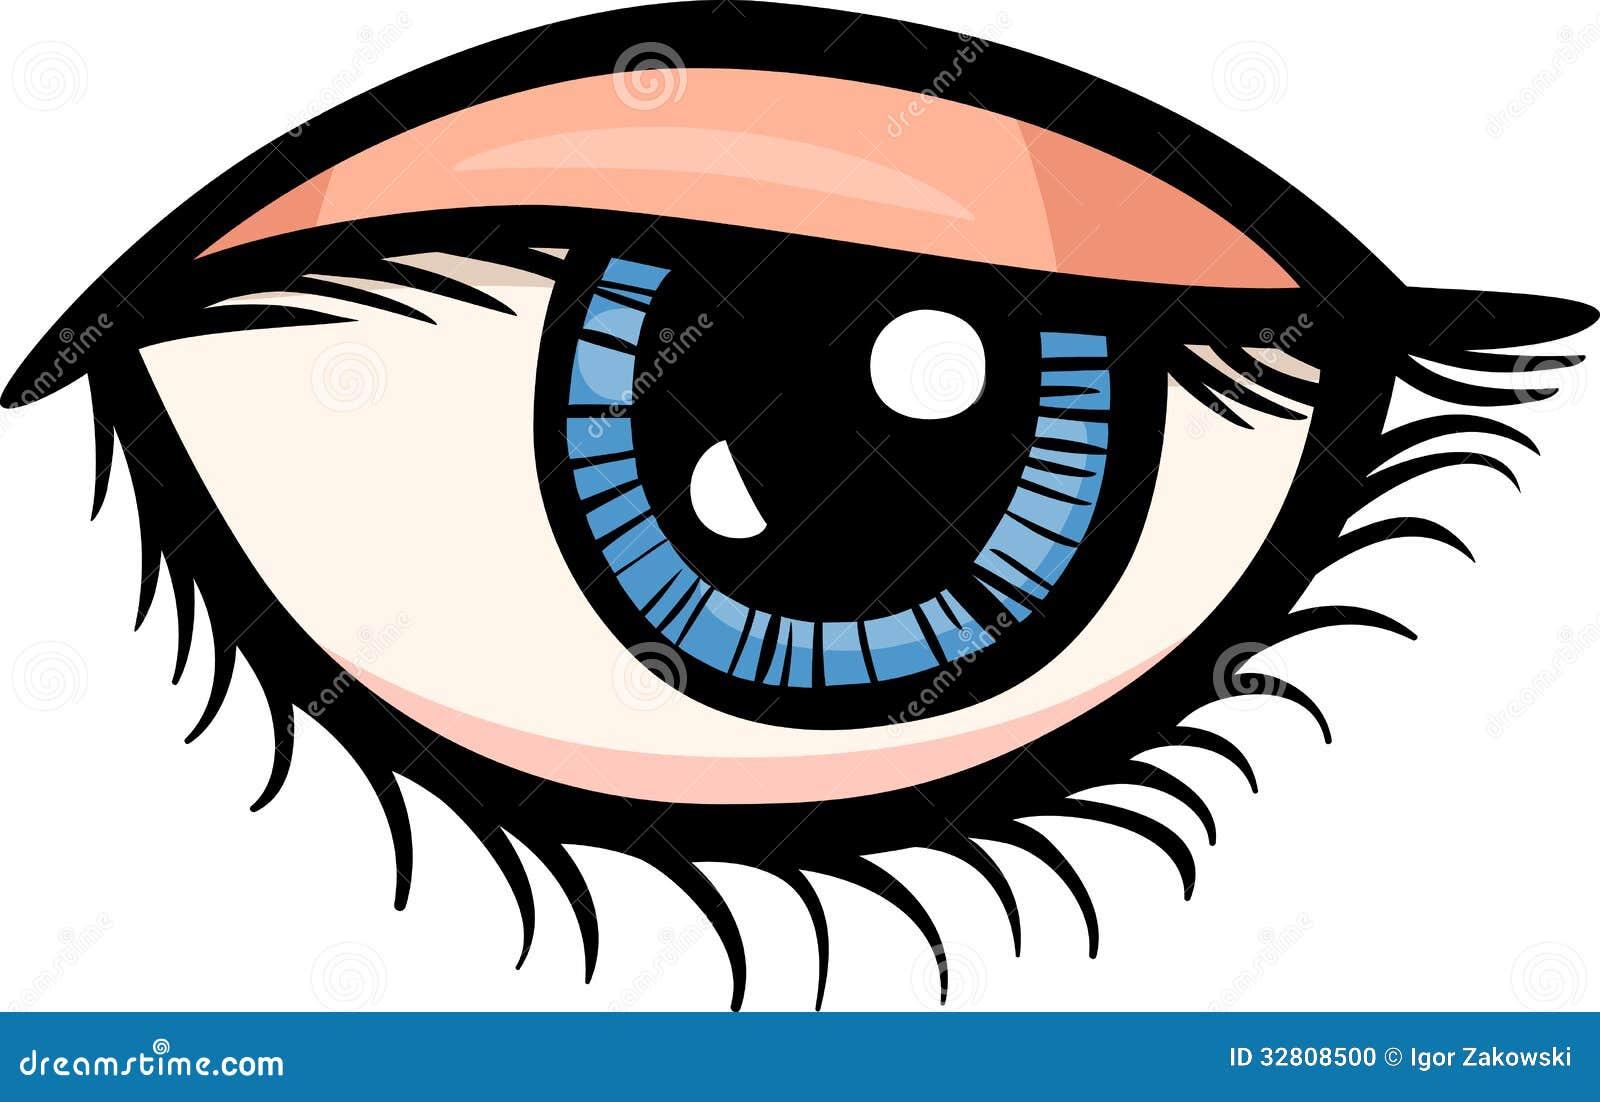 eye clip art cartoon illustration stock vector illustration of rh dreamstime com eye clipart images eyes clip art cartoon